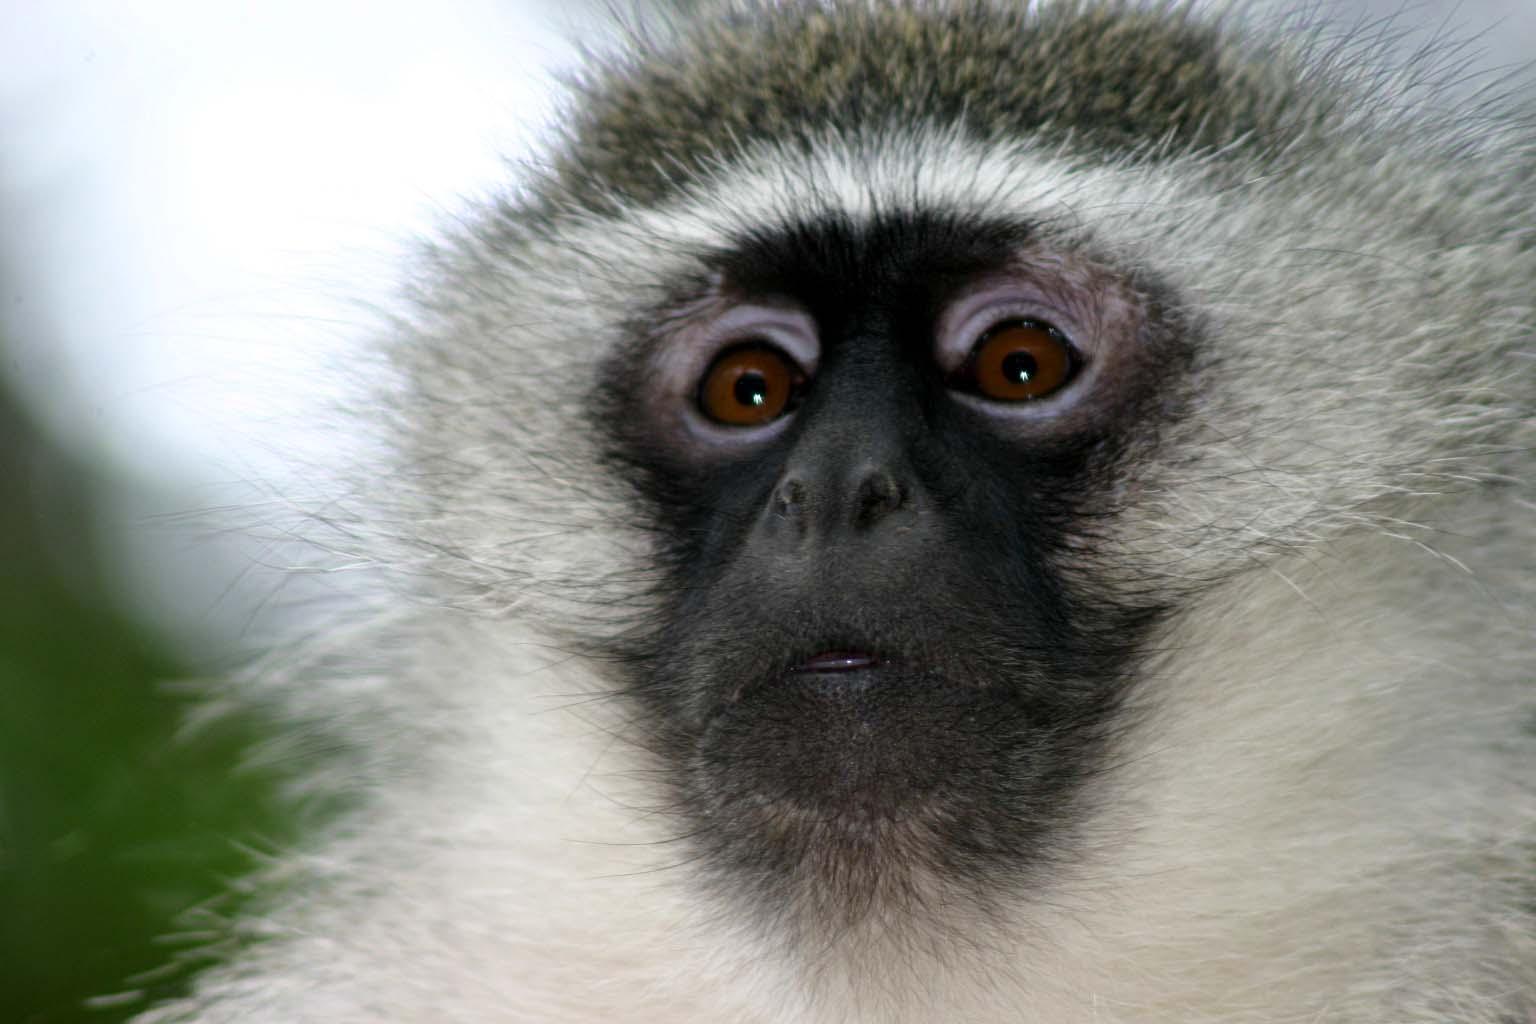 Face_of_adult_male_vervet_monkey.jpg